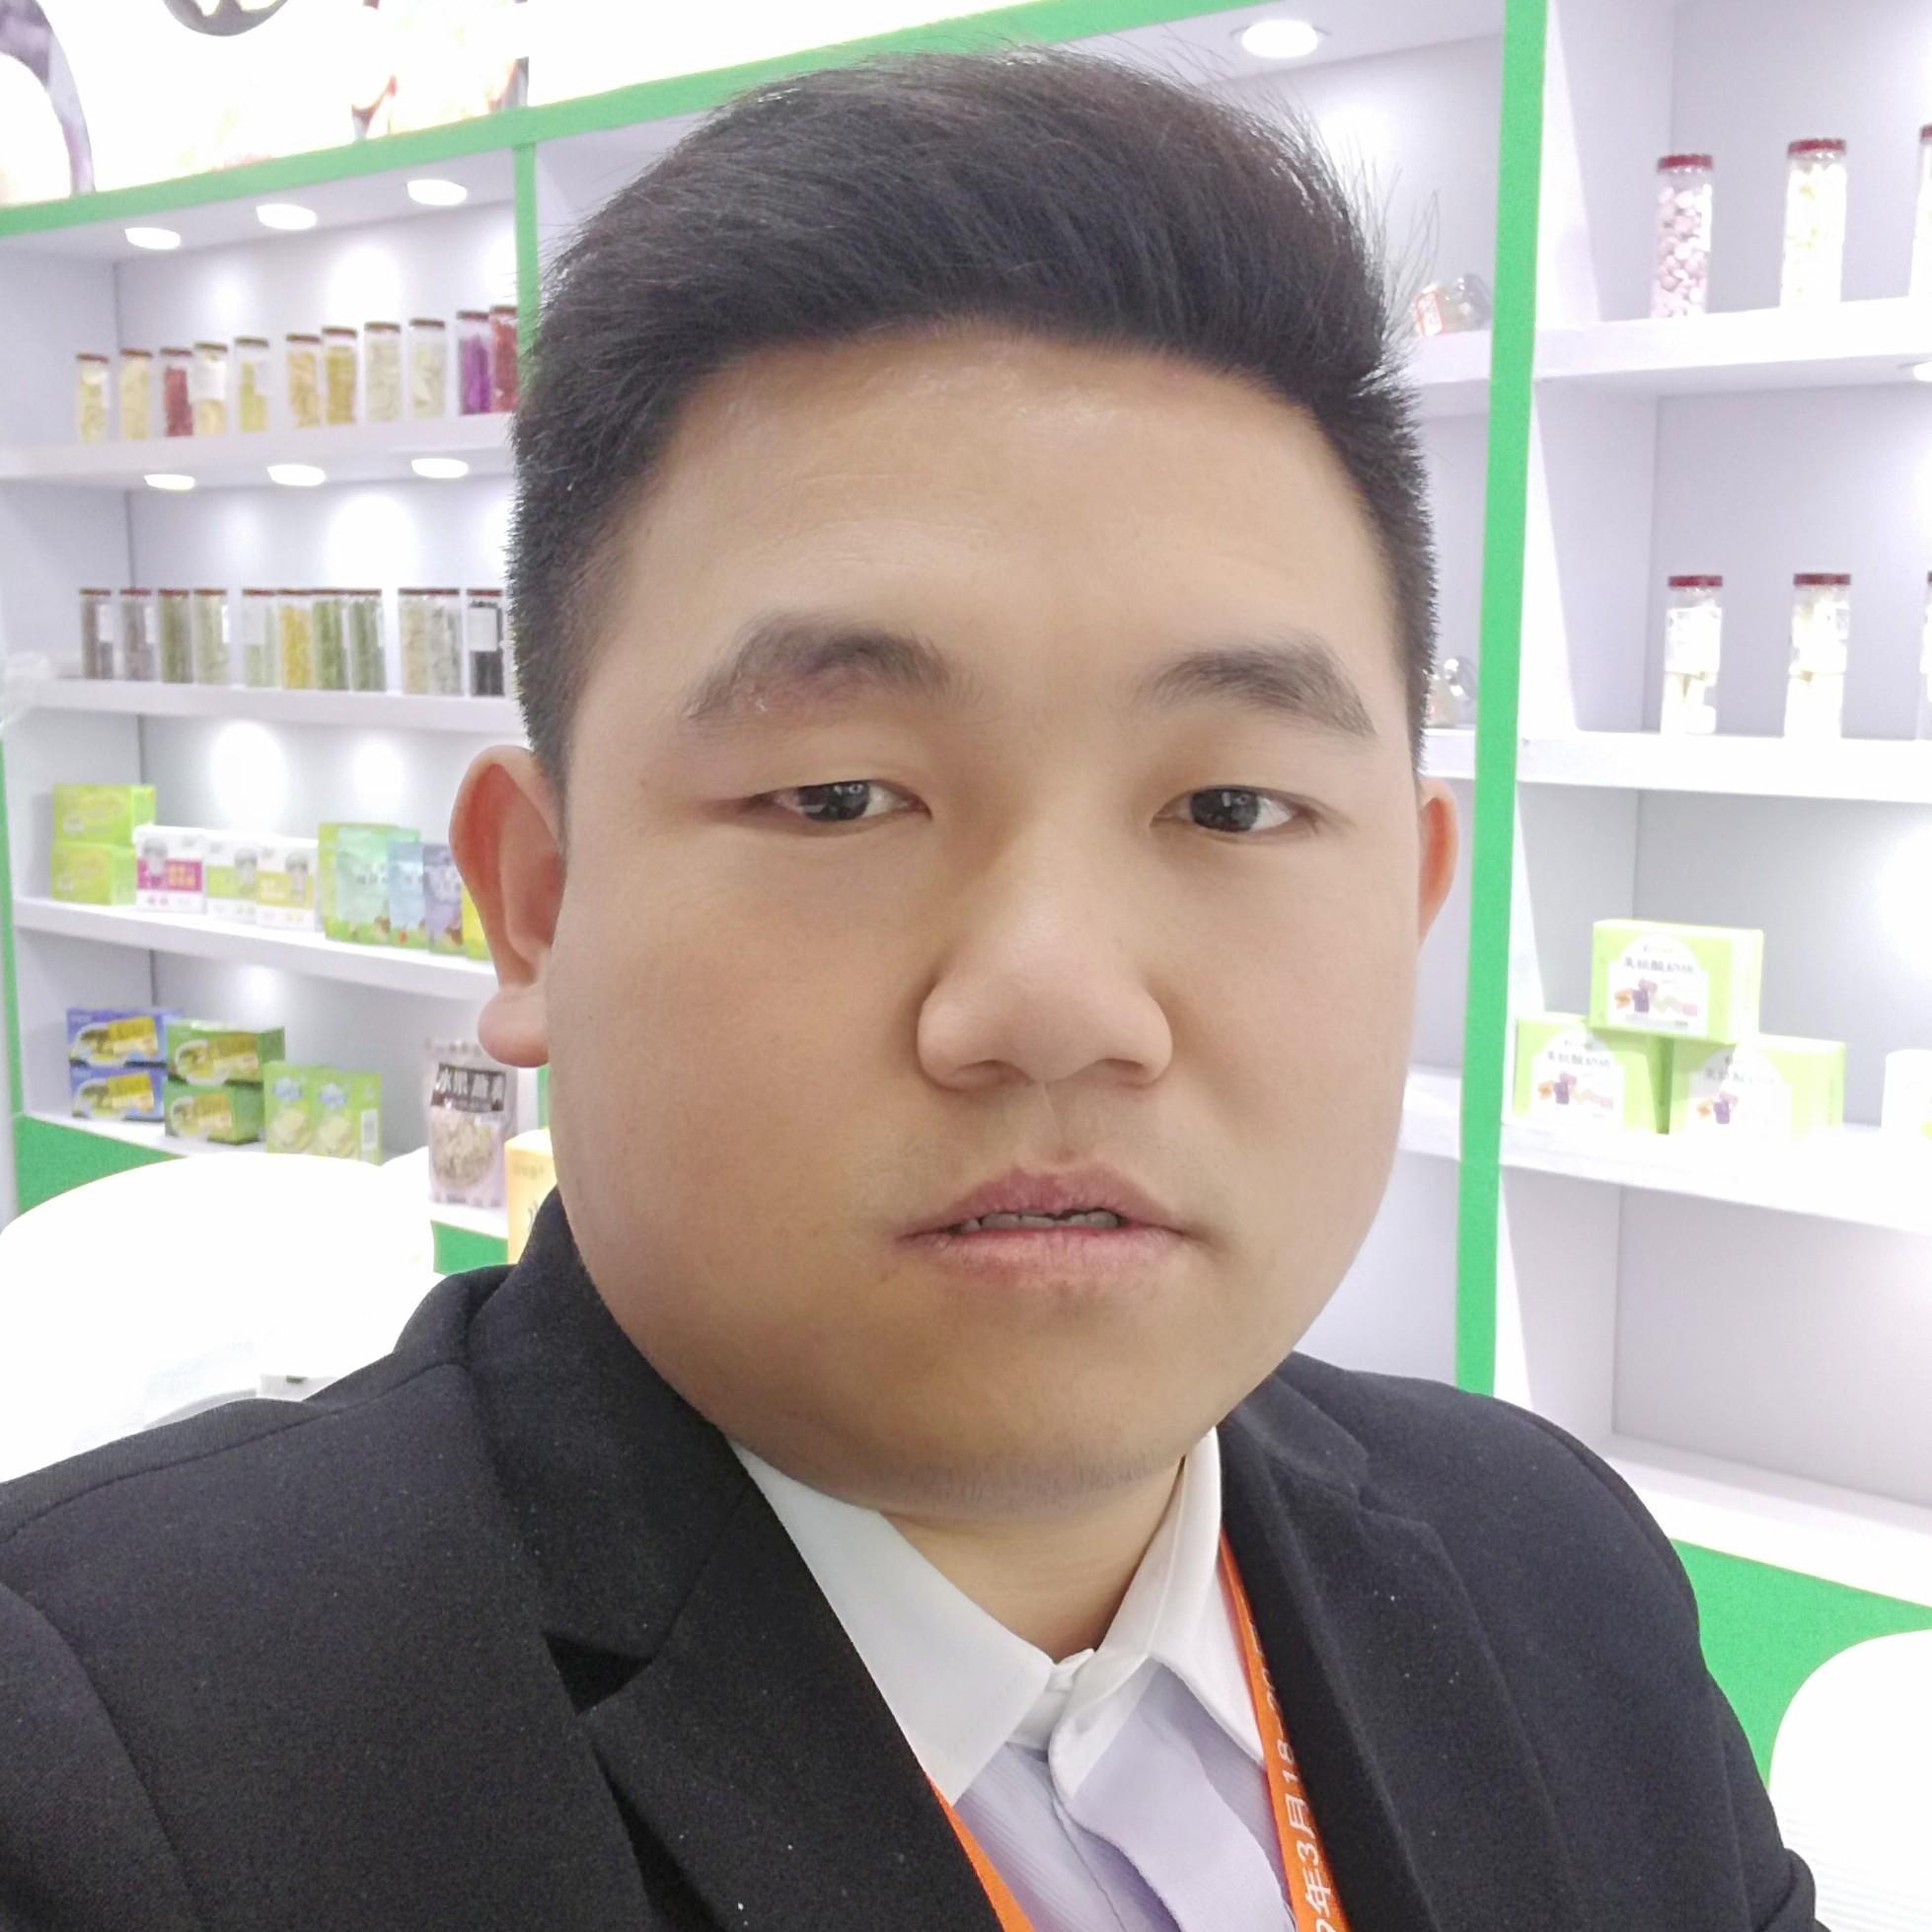 福建欧瑞园食品有限公司经理黄英苑照片